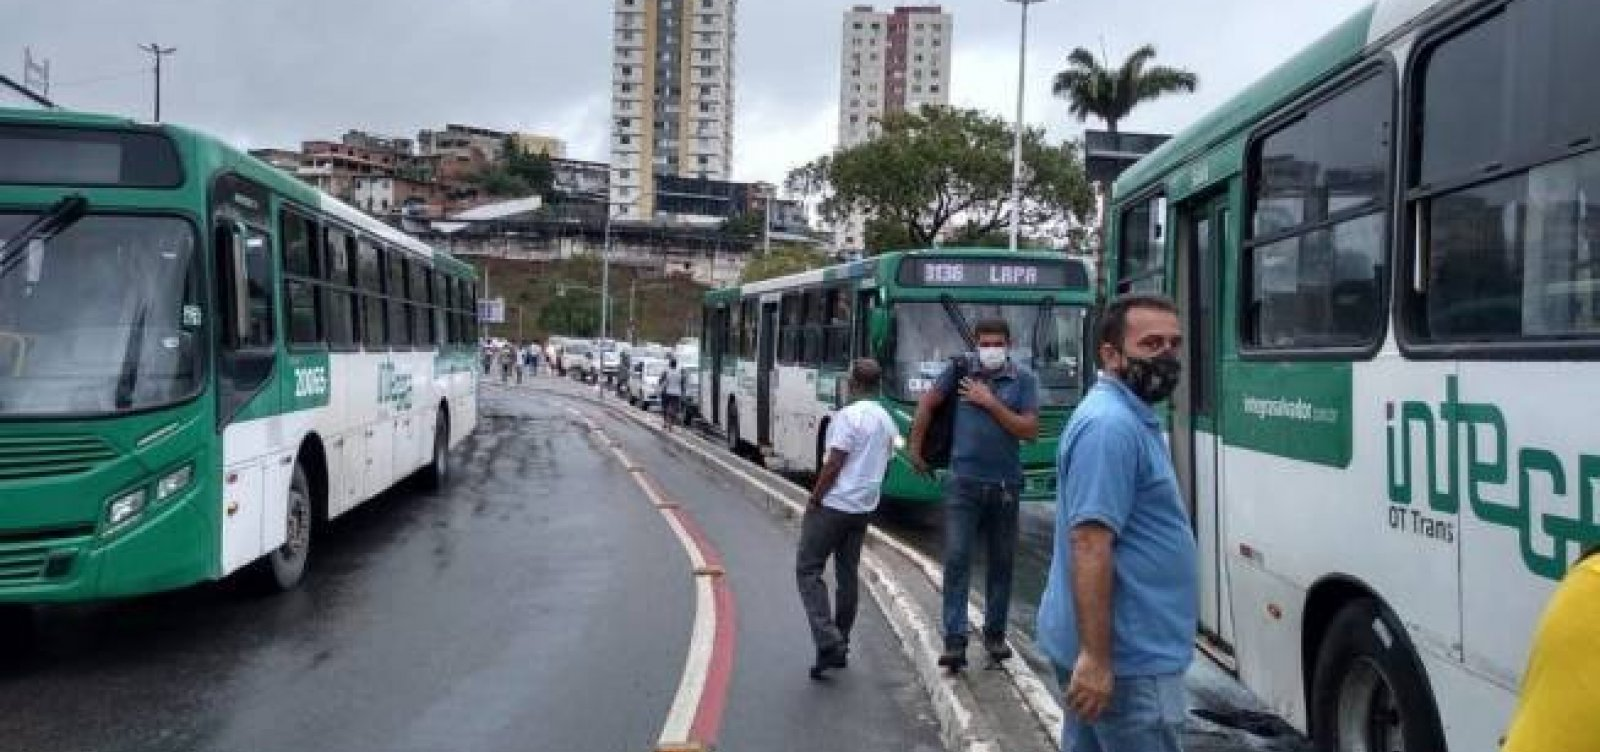 Rodoviários fecham entrada da Lapa em novo protesto para cobrar dívidas trabalhistas